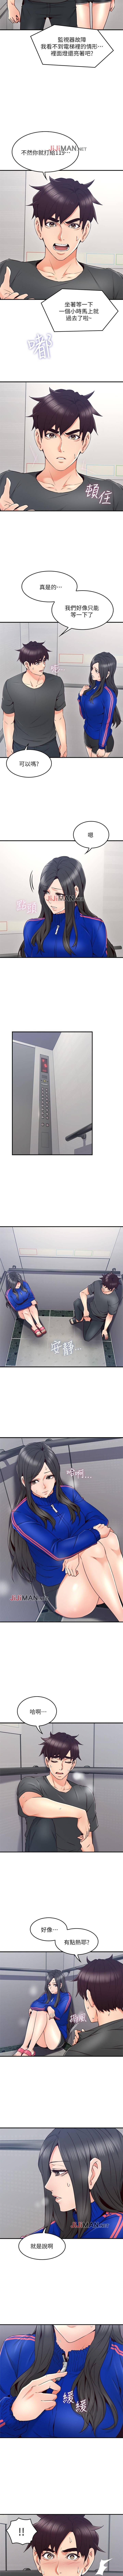 【周六更新】邻居人妻(作者:李周元 & 頸枕) 第1~50话 180